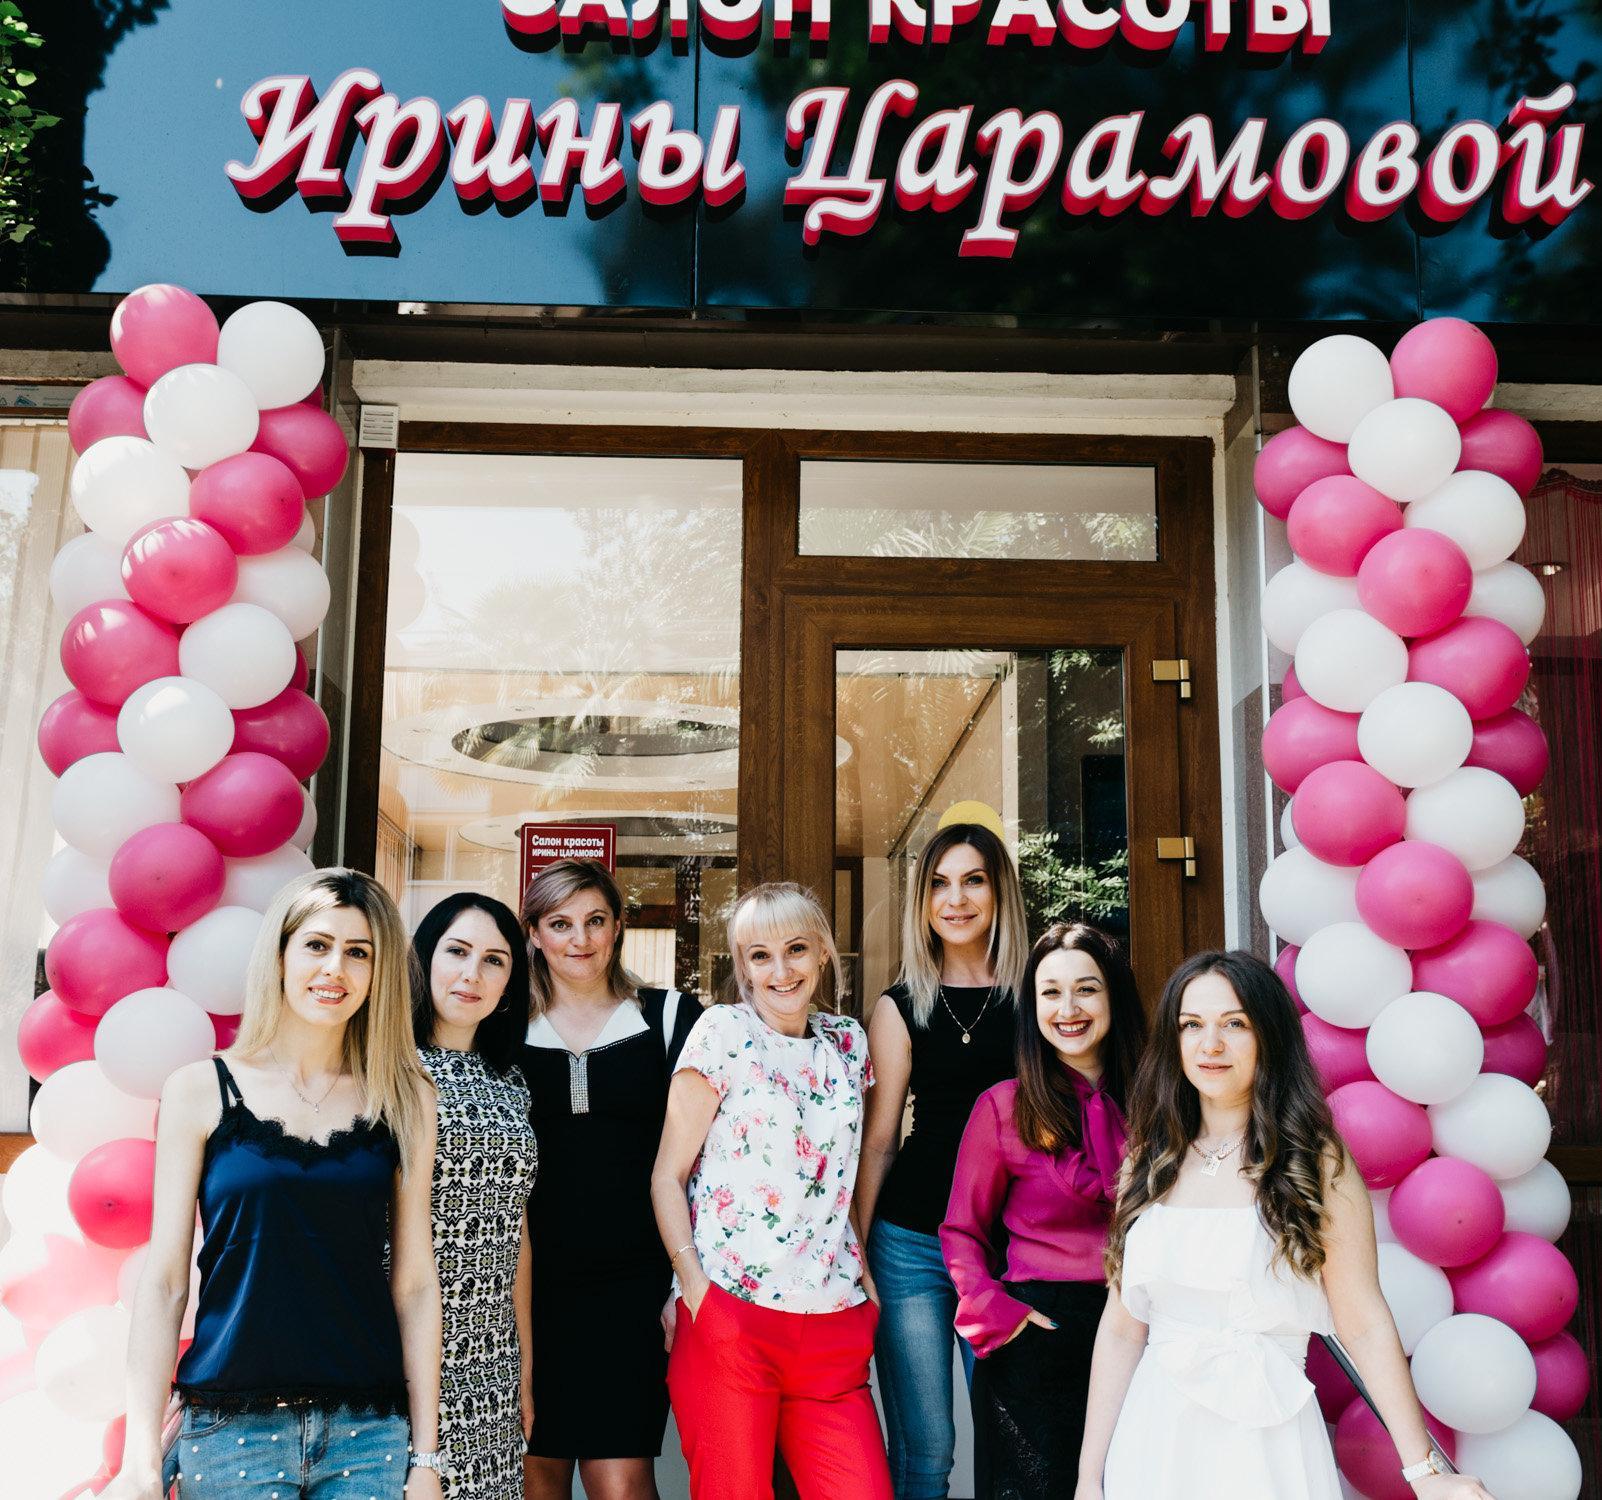 фотография Салона красоты Ирины Царамовой на Красноармейской улице